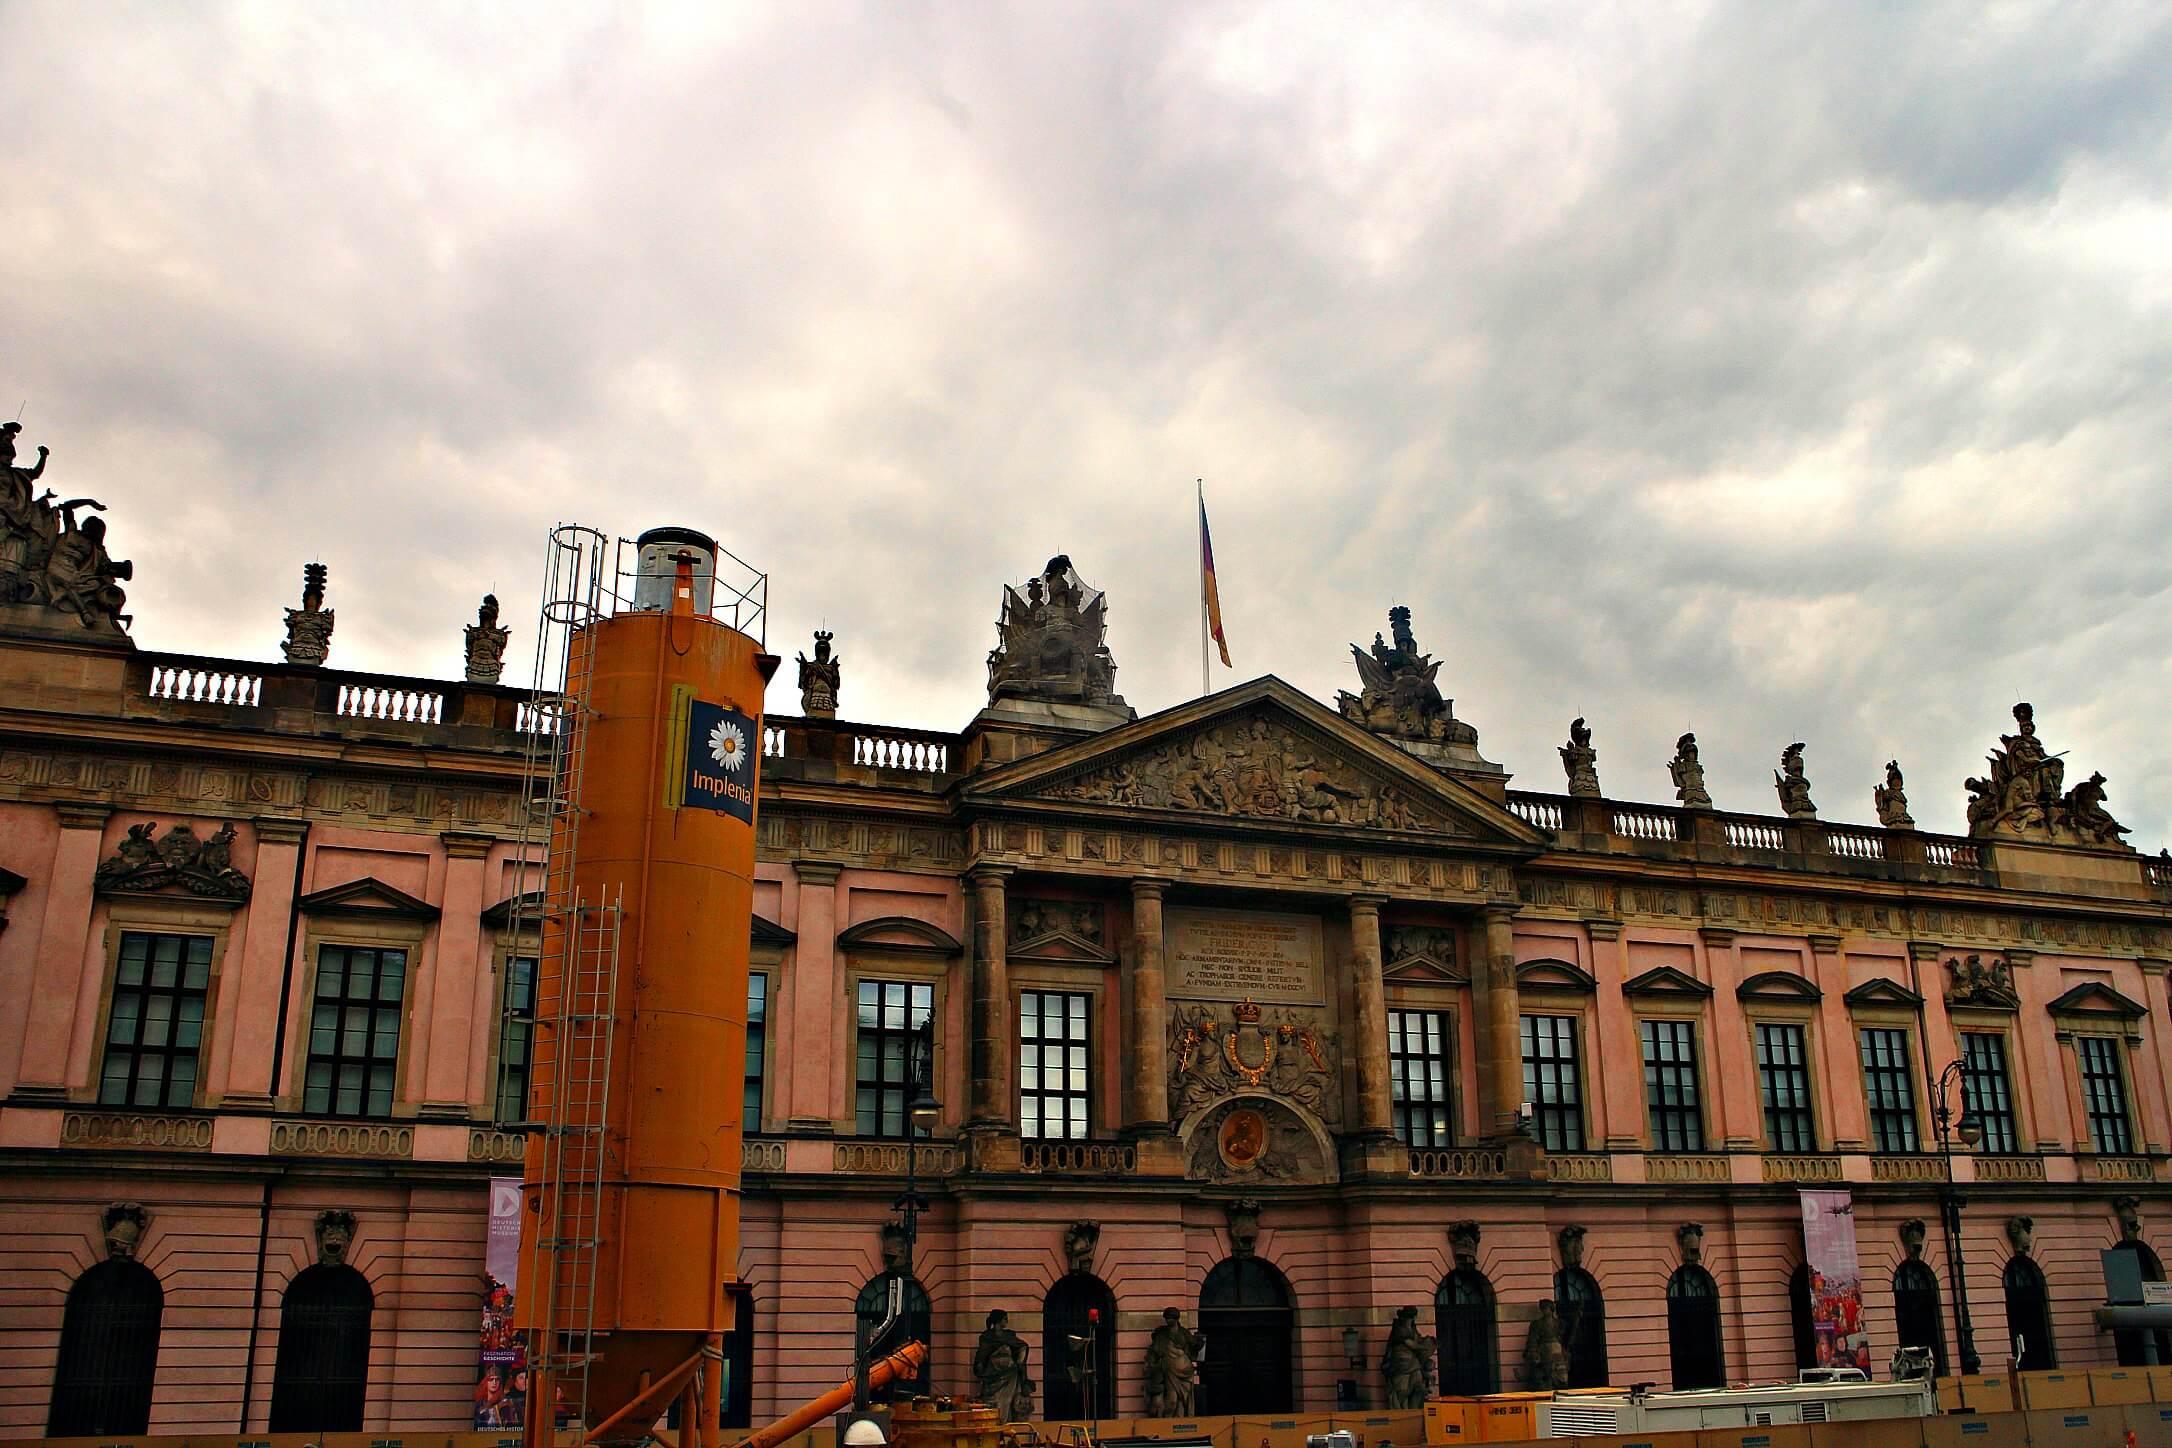 duits-historisch-museum-berlijn